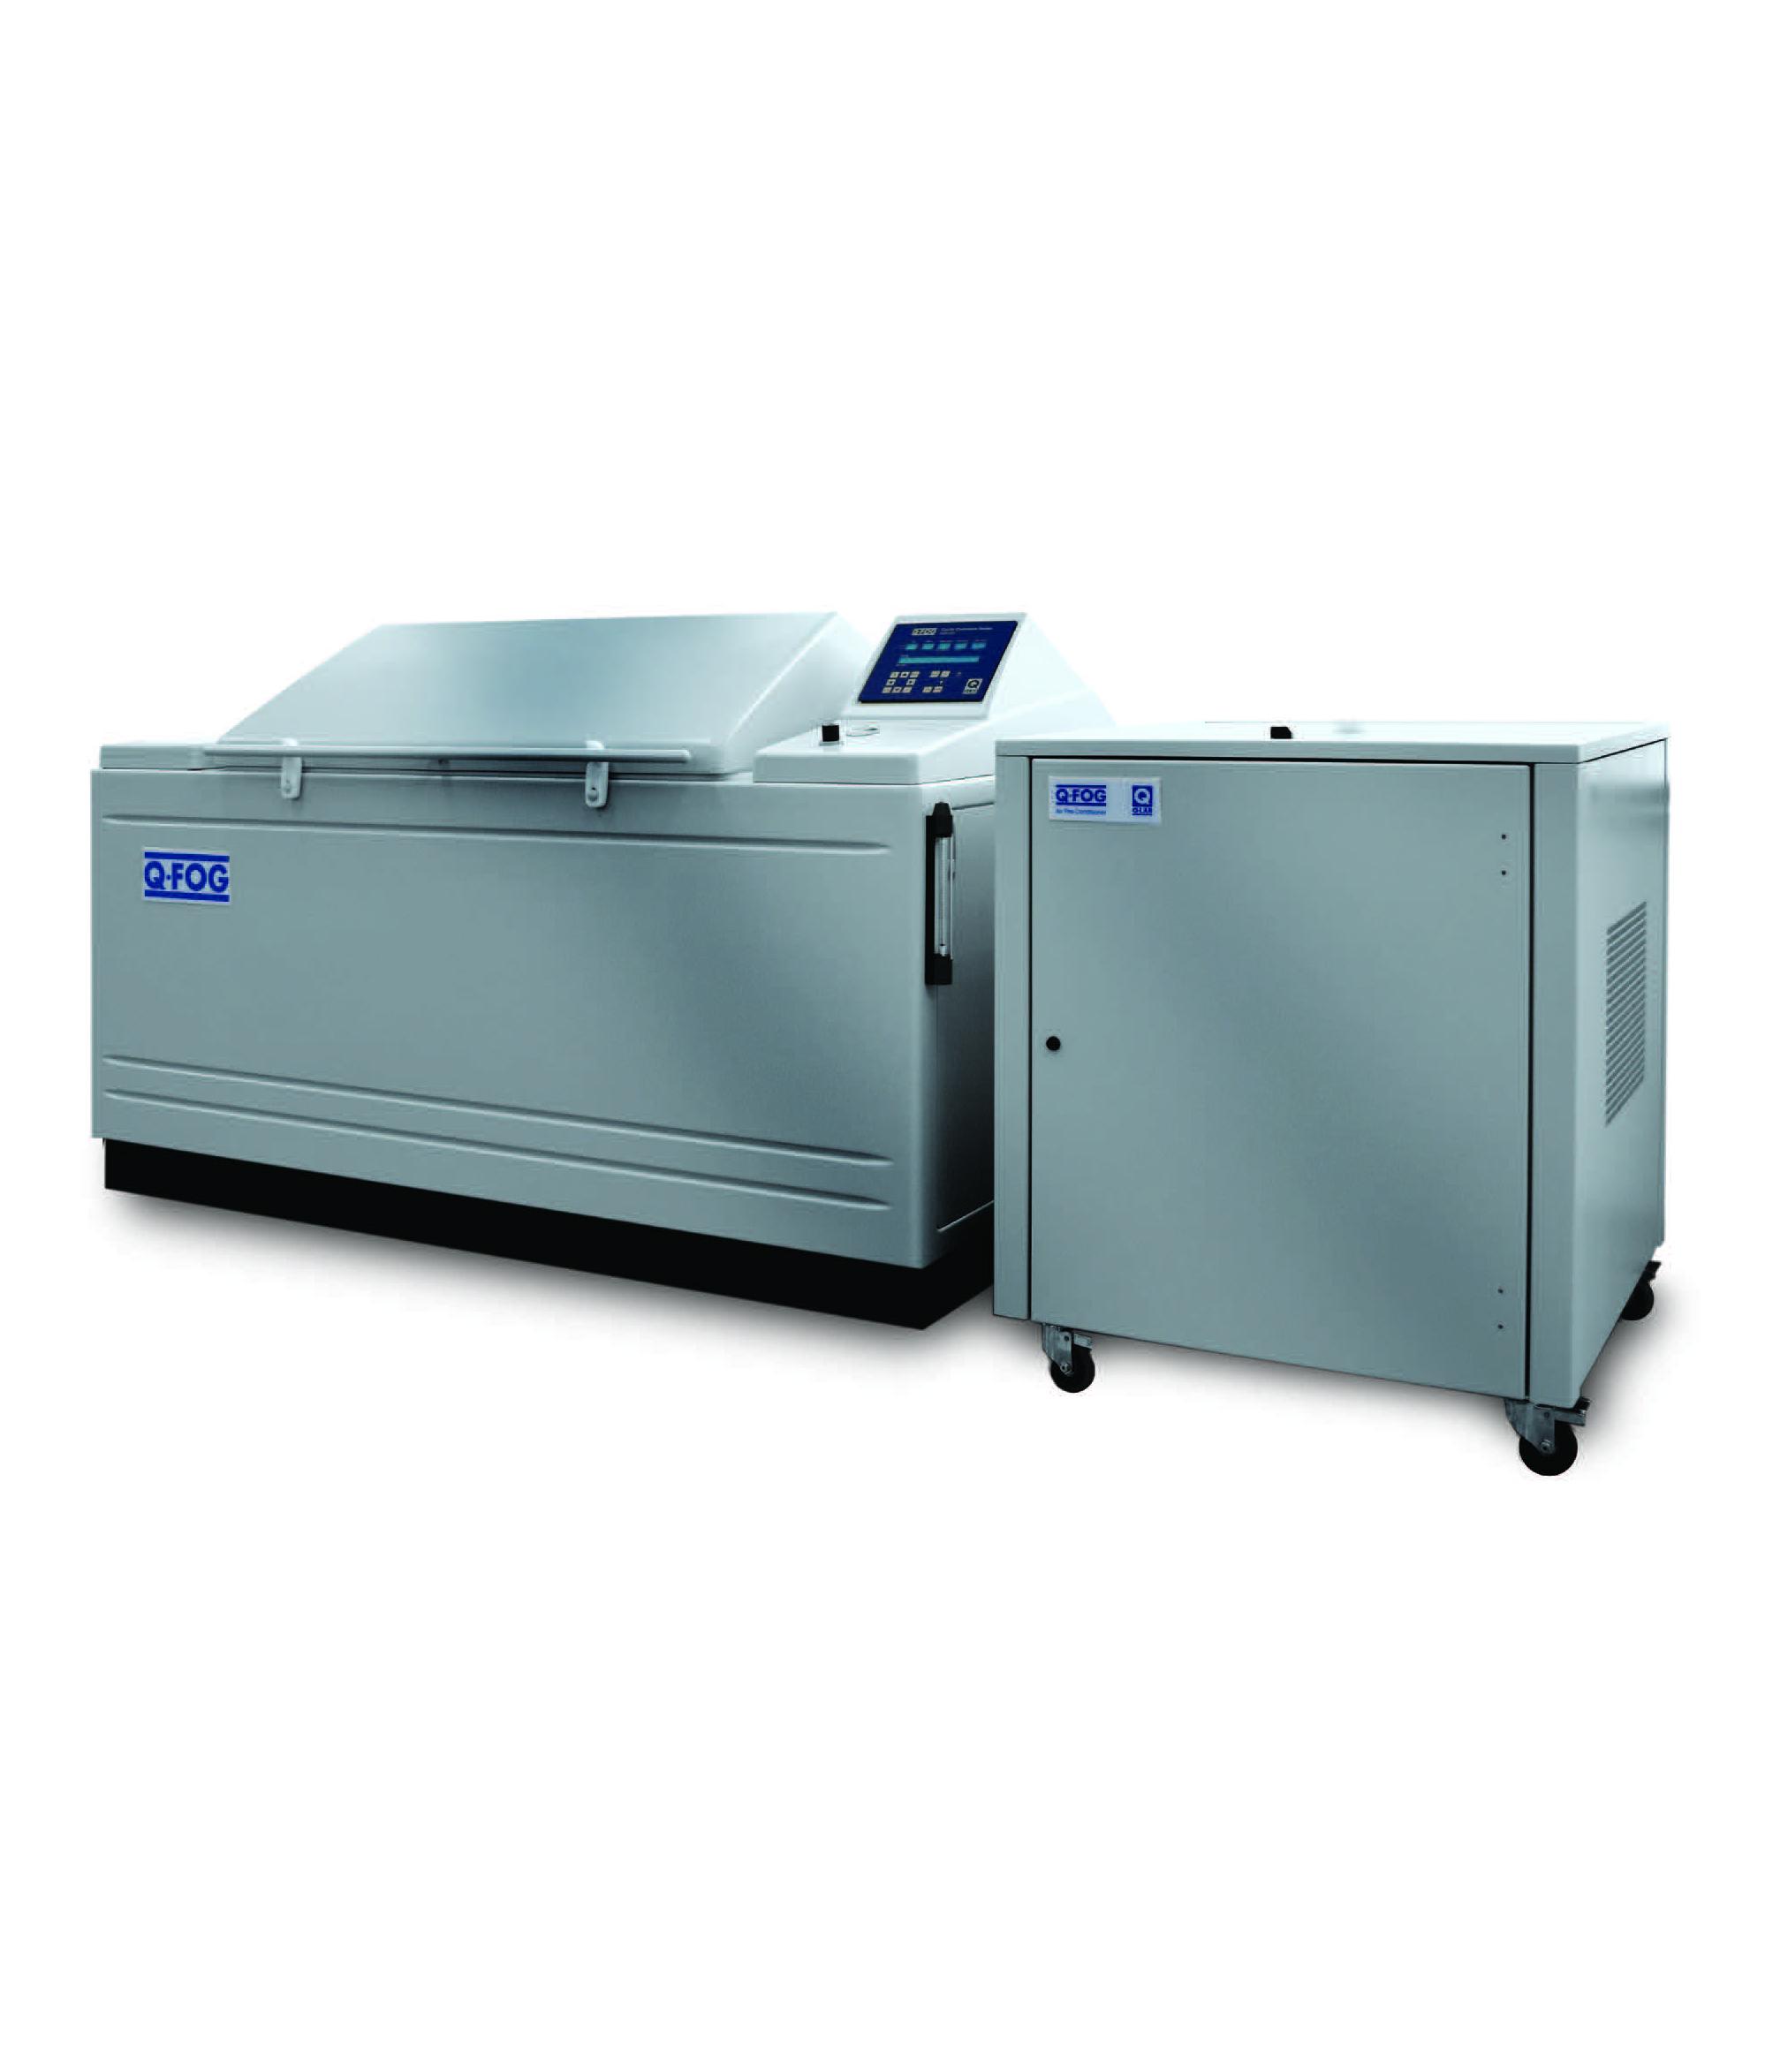 Q-FOG CRH-600/1100循环腐蚀盐雾箱